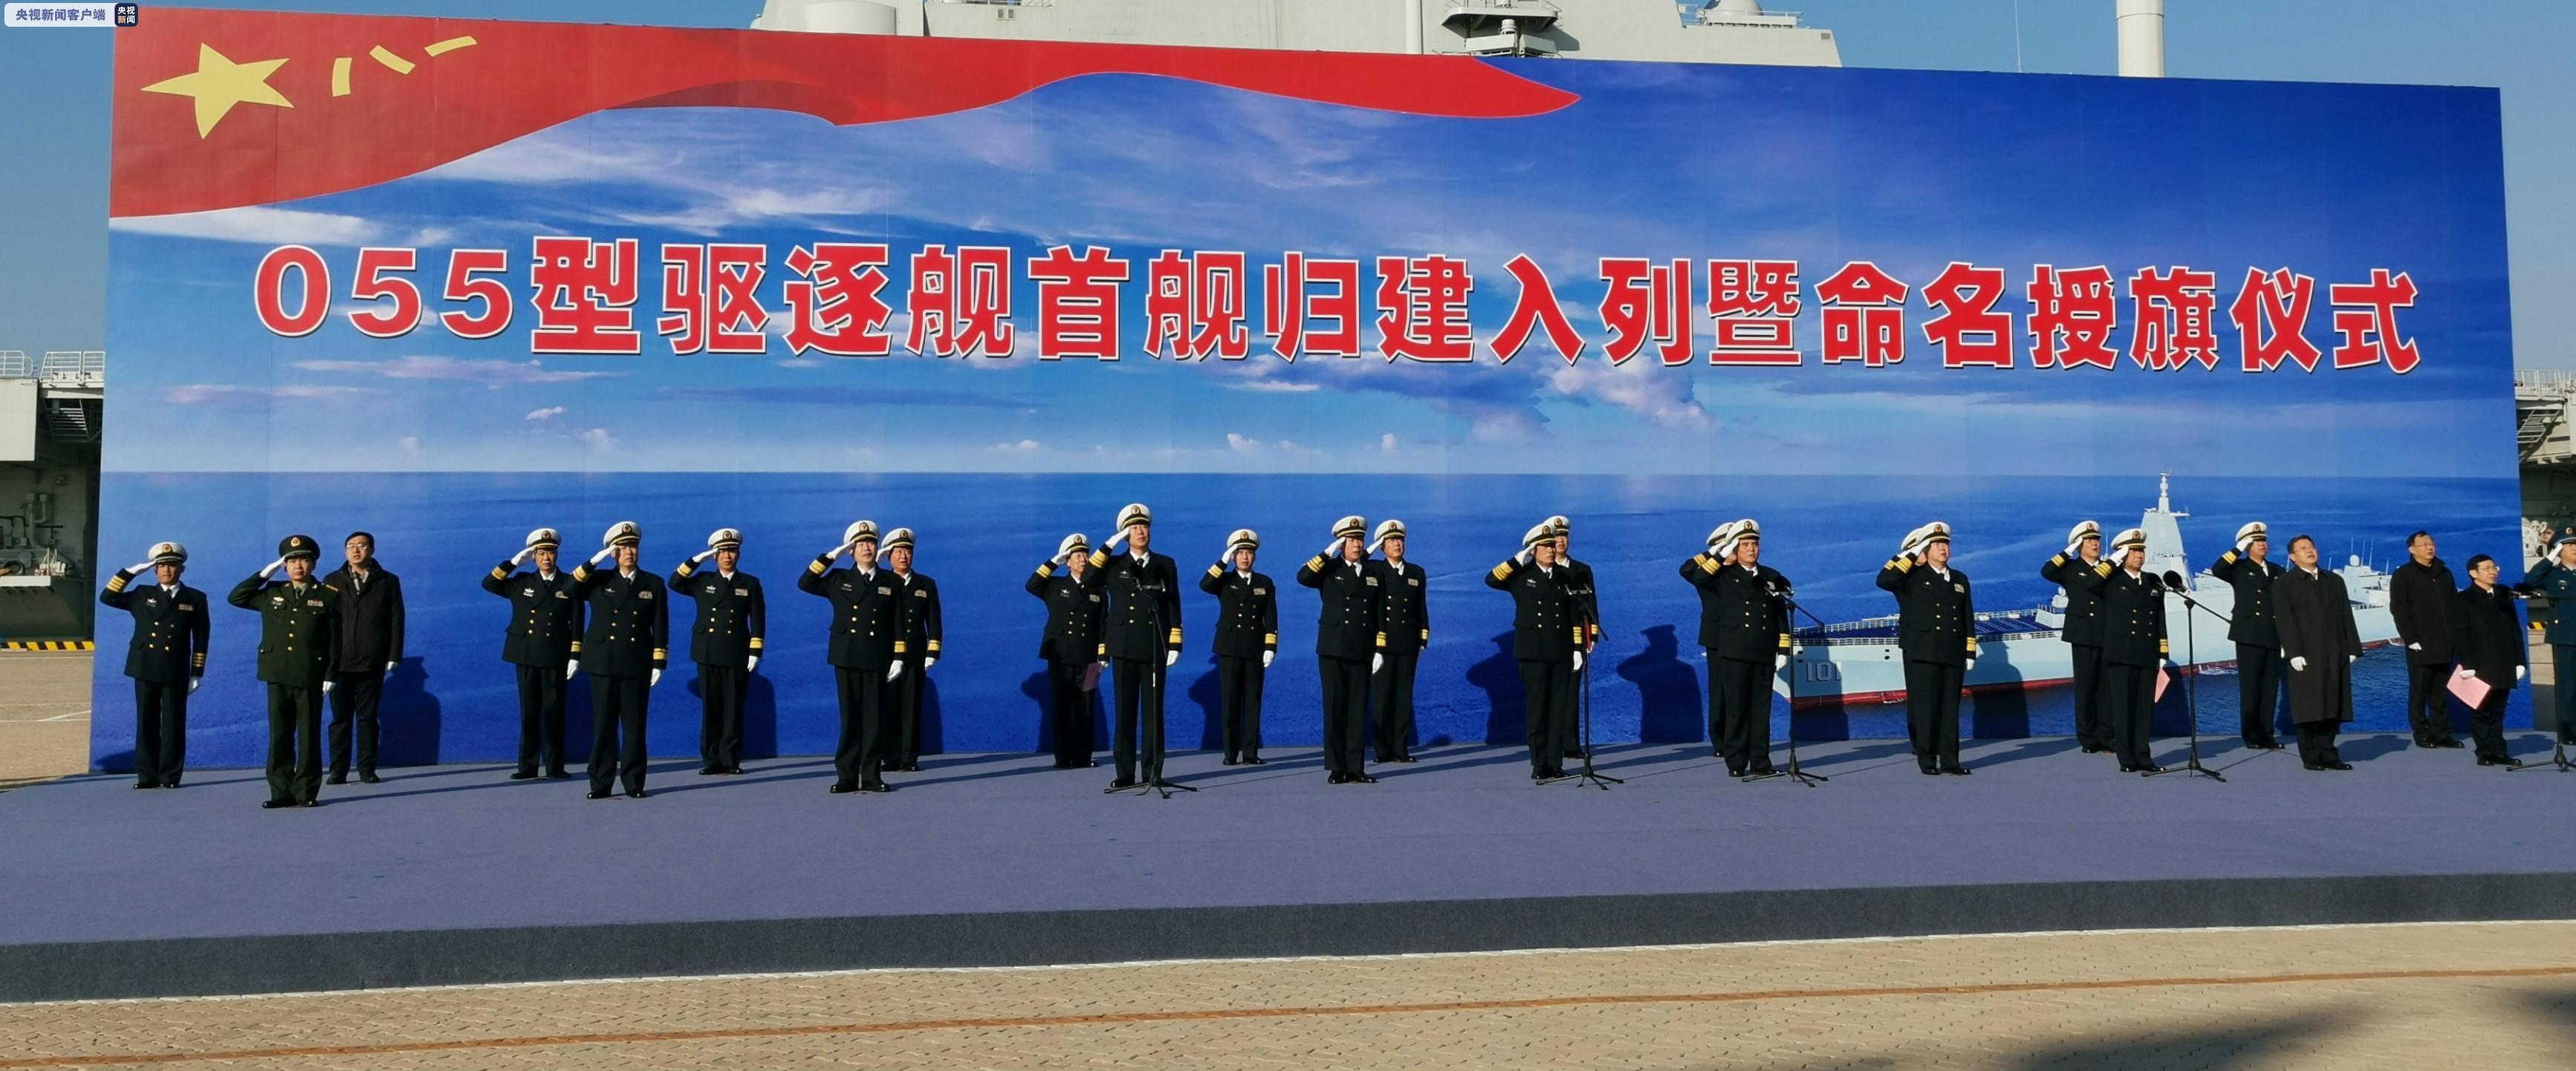 海军055型万吨级驱逐舰南昌舰在山东青岛